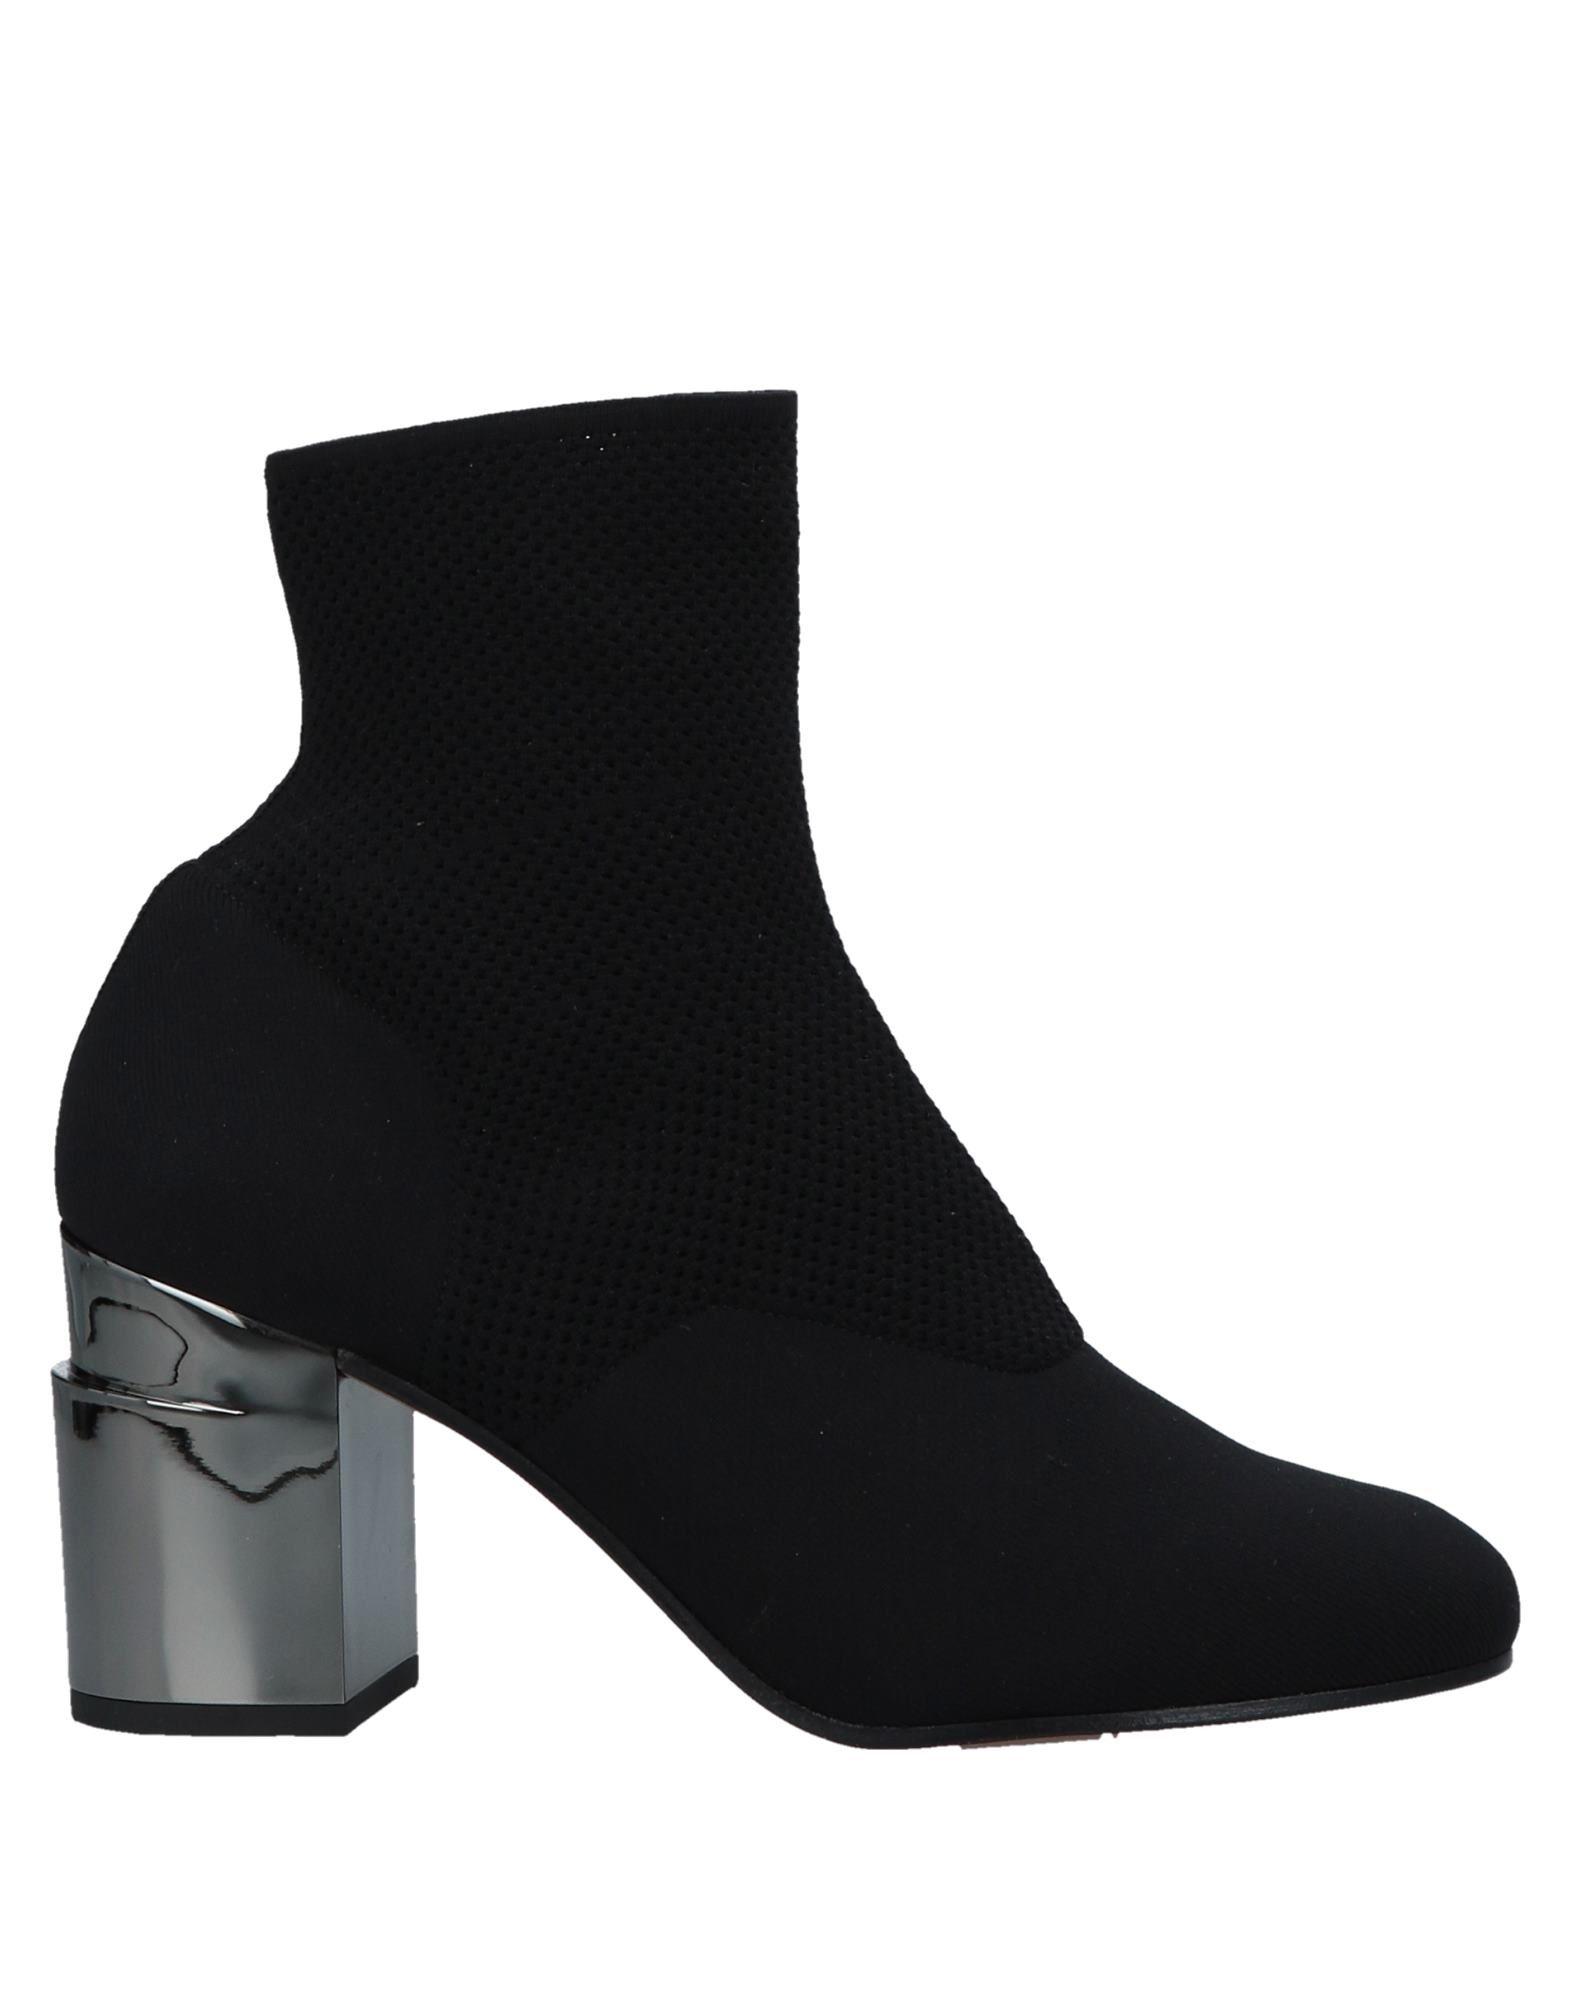 Фото - CLERGERIE Полусапоги и высокие ботинки robert clergerie полусапоги и высокие ботинки